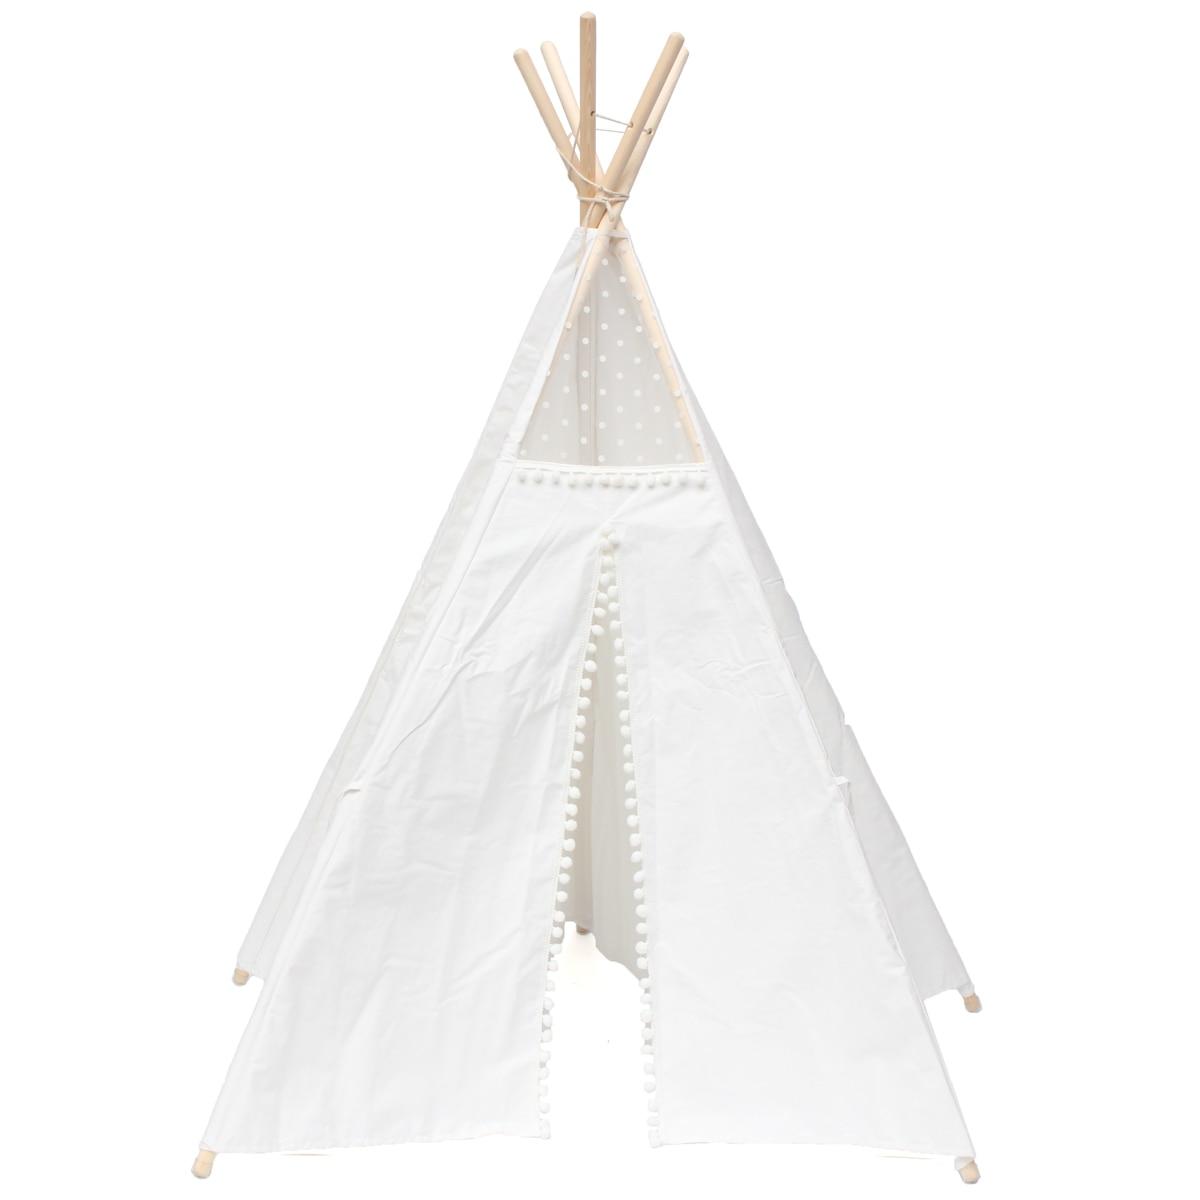 Grande toile de coton Tipi Original enfants Tipi avec tente de jeu indien maison enfants en plein air intérieur Tipi Tee Pee tente blanc